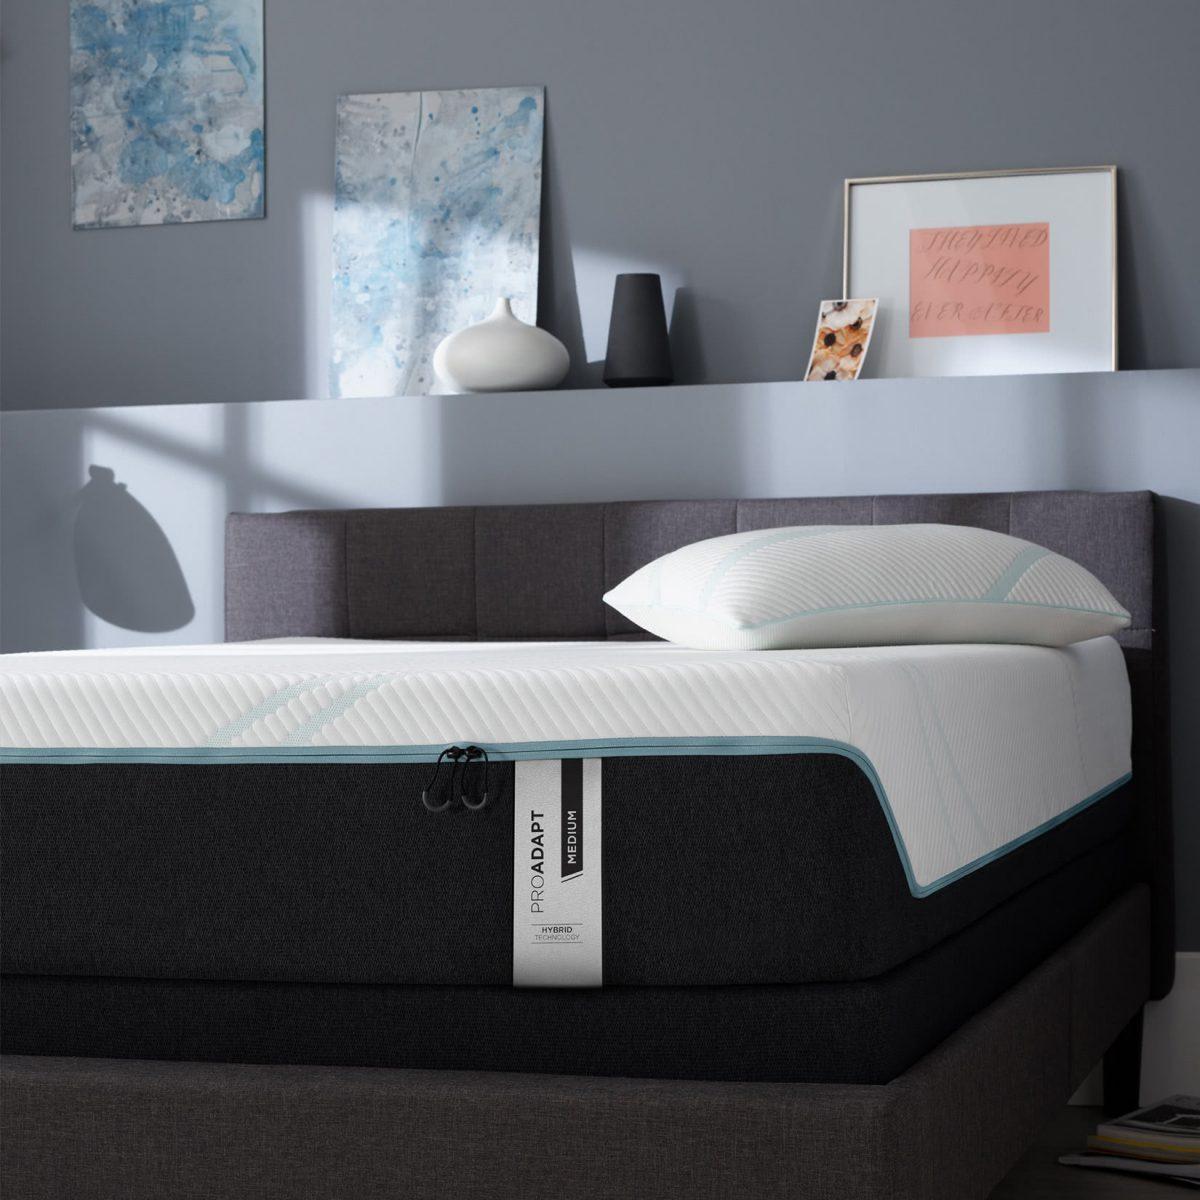 Tempur-Pedic adapt mattress review - Luxe Digital